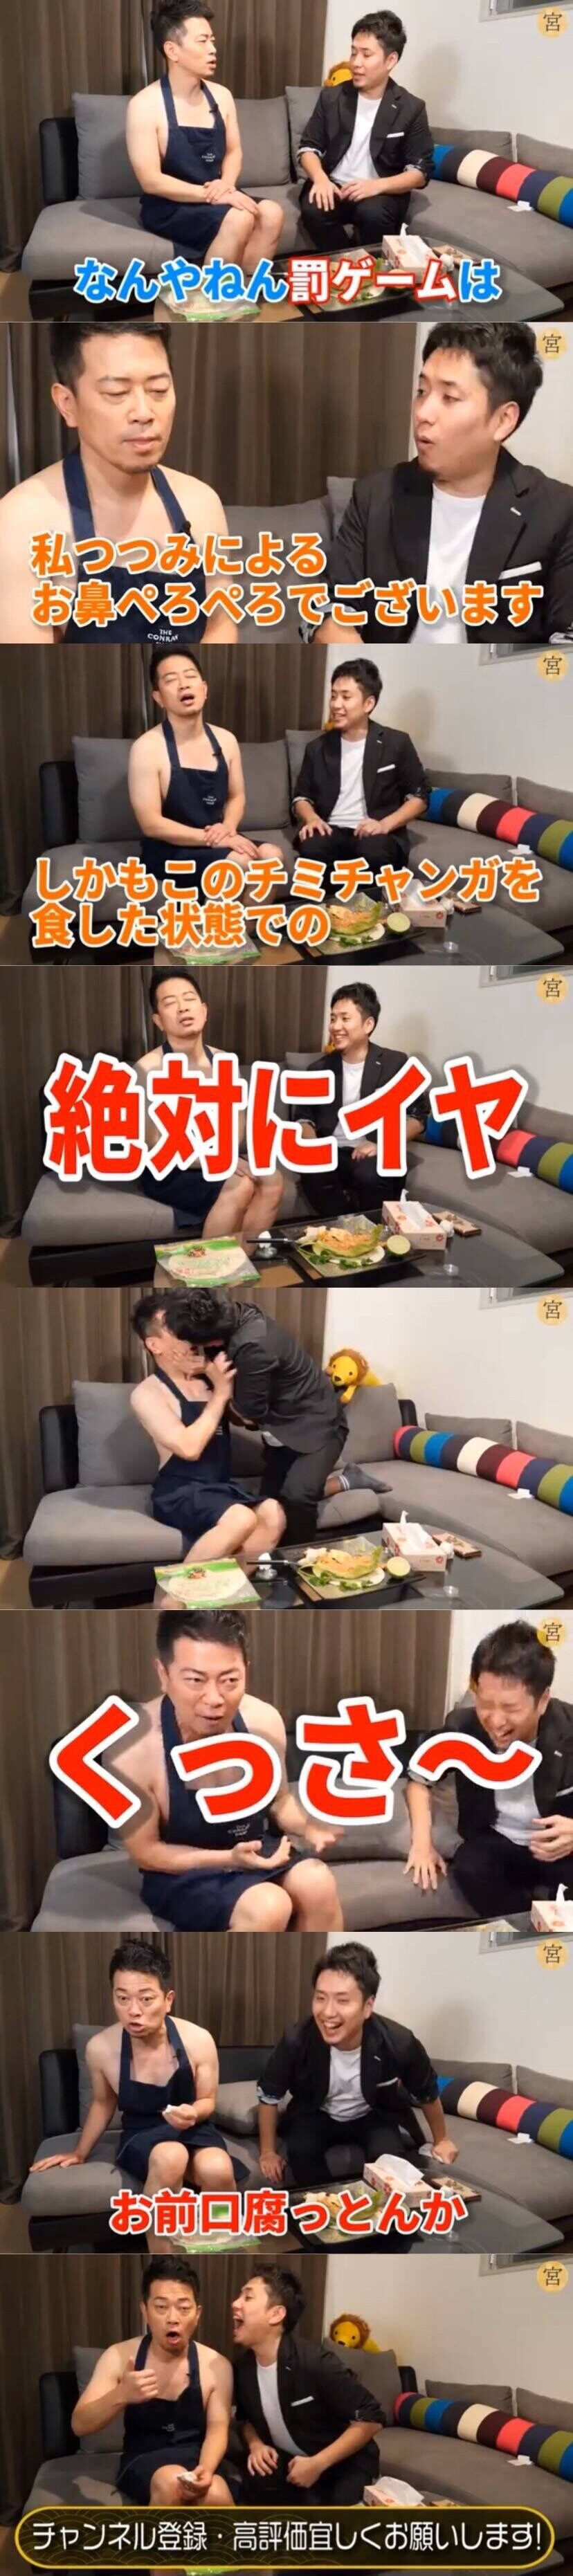 【悲報】宮迫博之さん(49)、裸エプロンにされた上におっさんに鼻をペロペロされる…